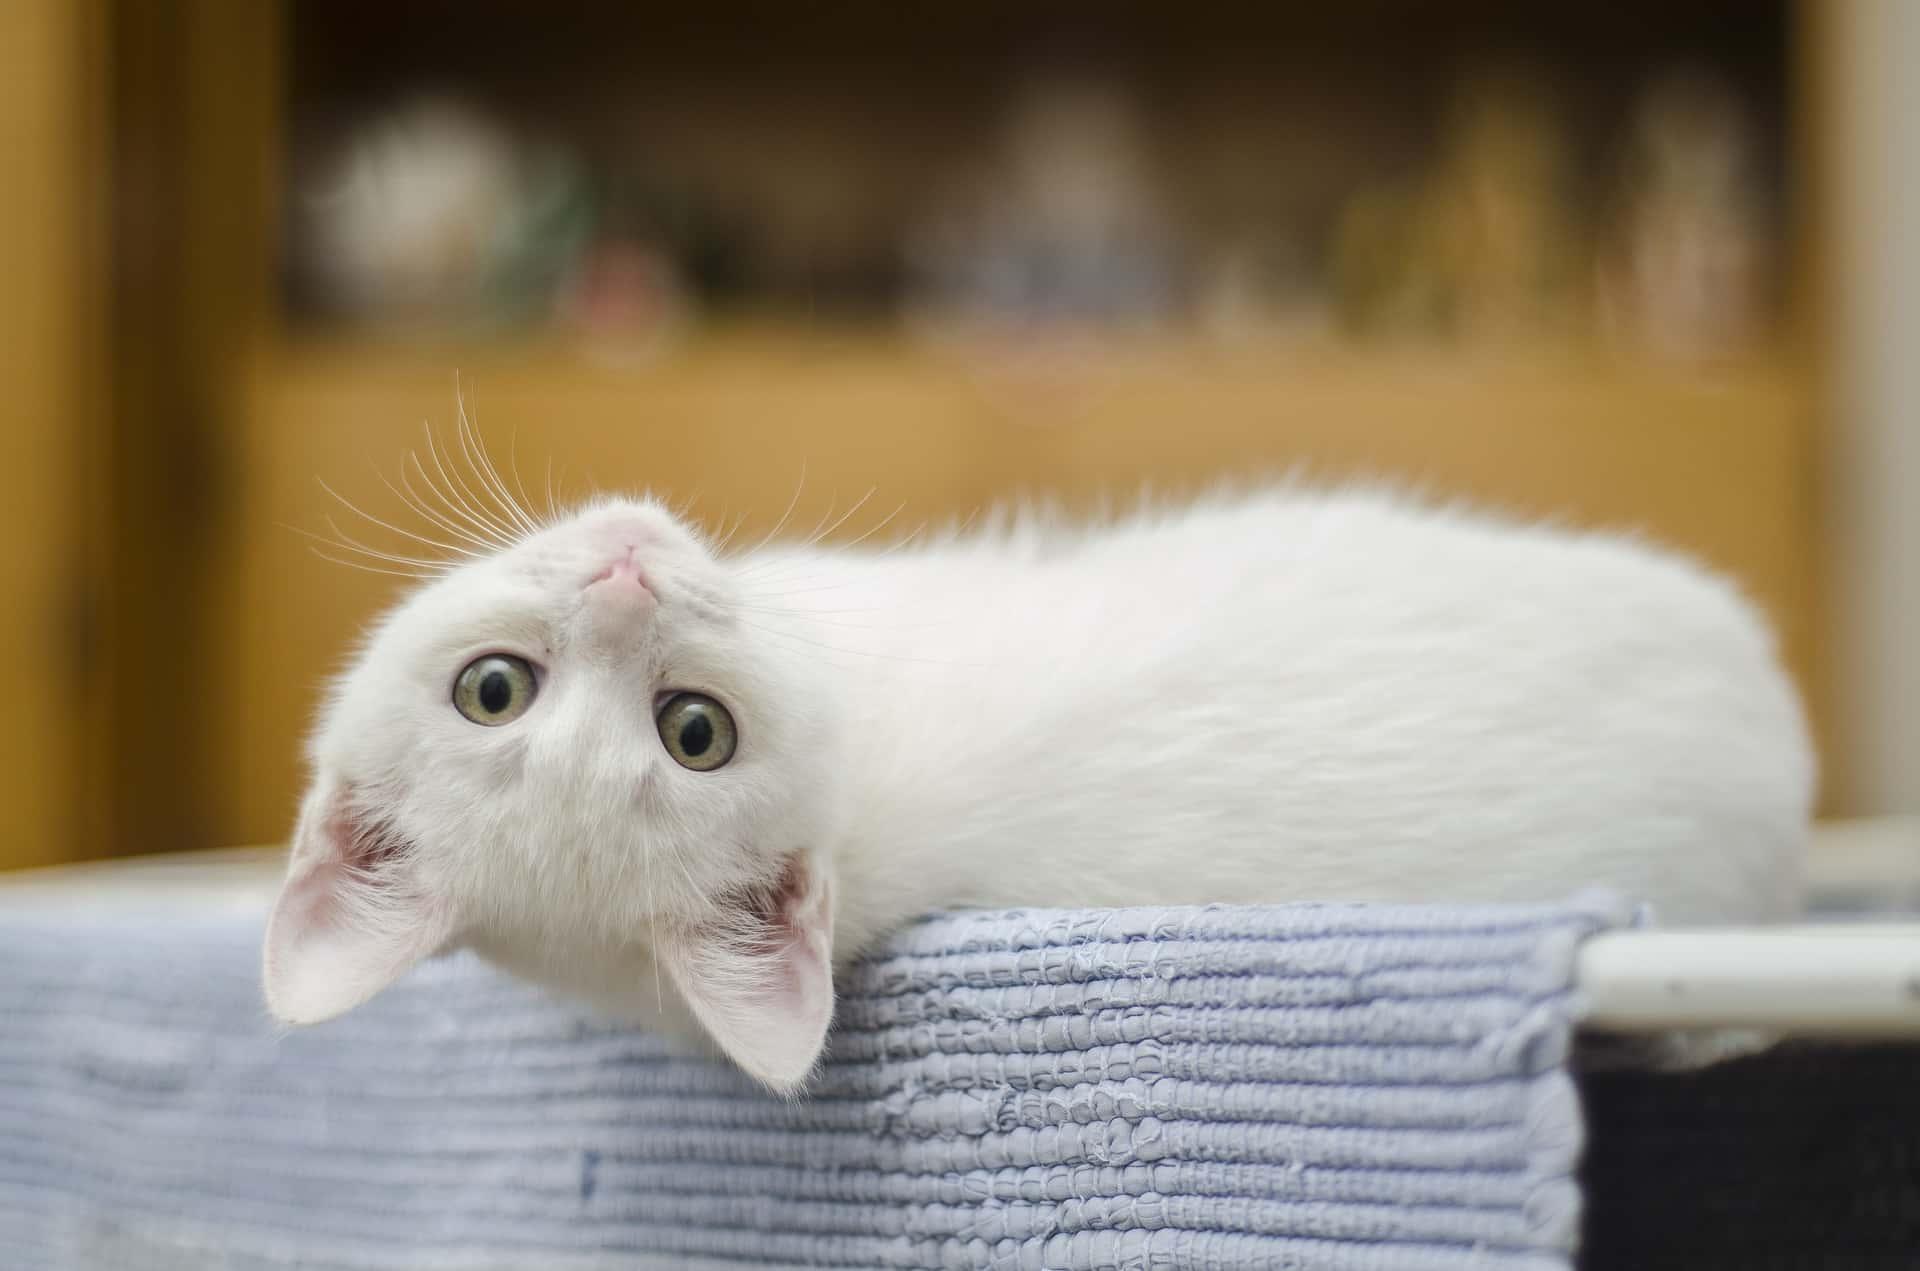 nomi per gatti indonesiani - Nomi per gatti spagnoli e indonesiani